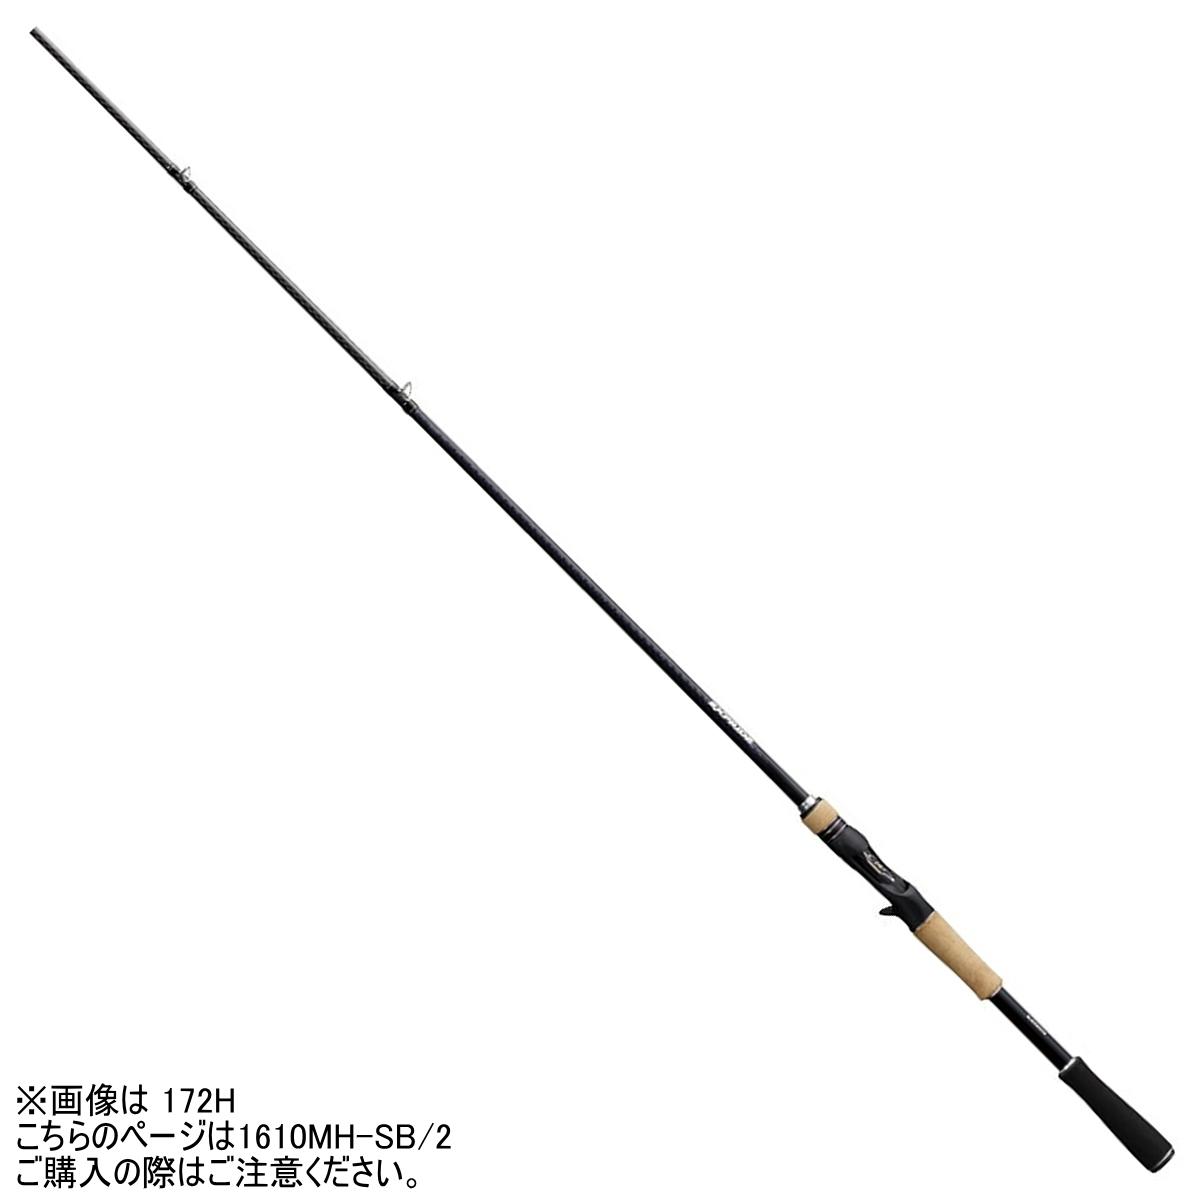 【送料無料5】シマノ ロッド '19 エクスプライド 1610MH-SB/2